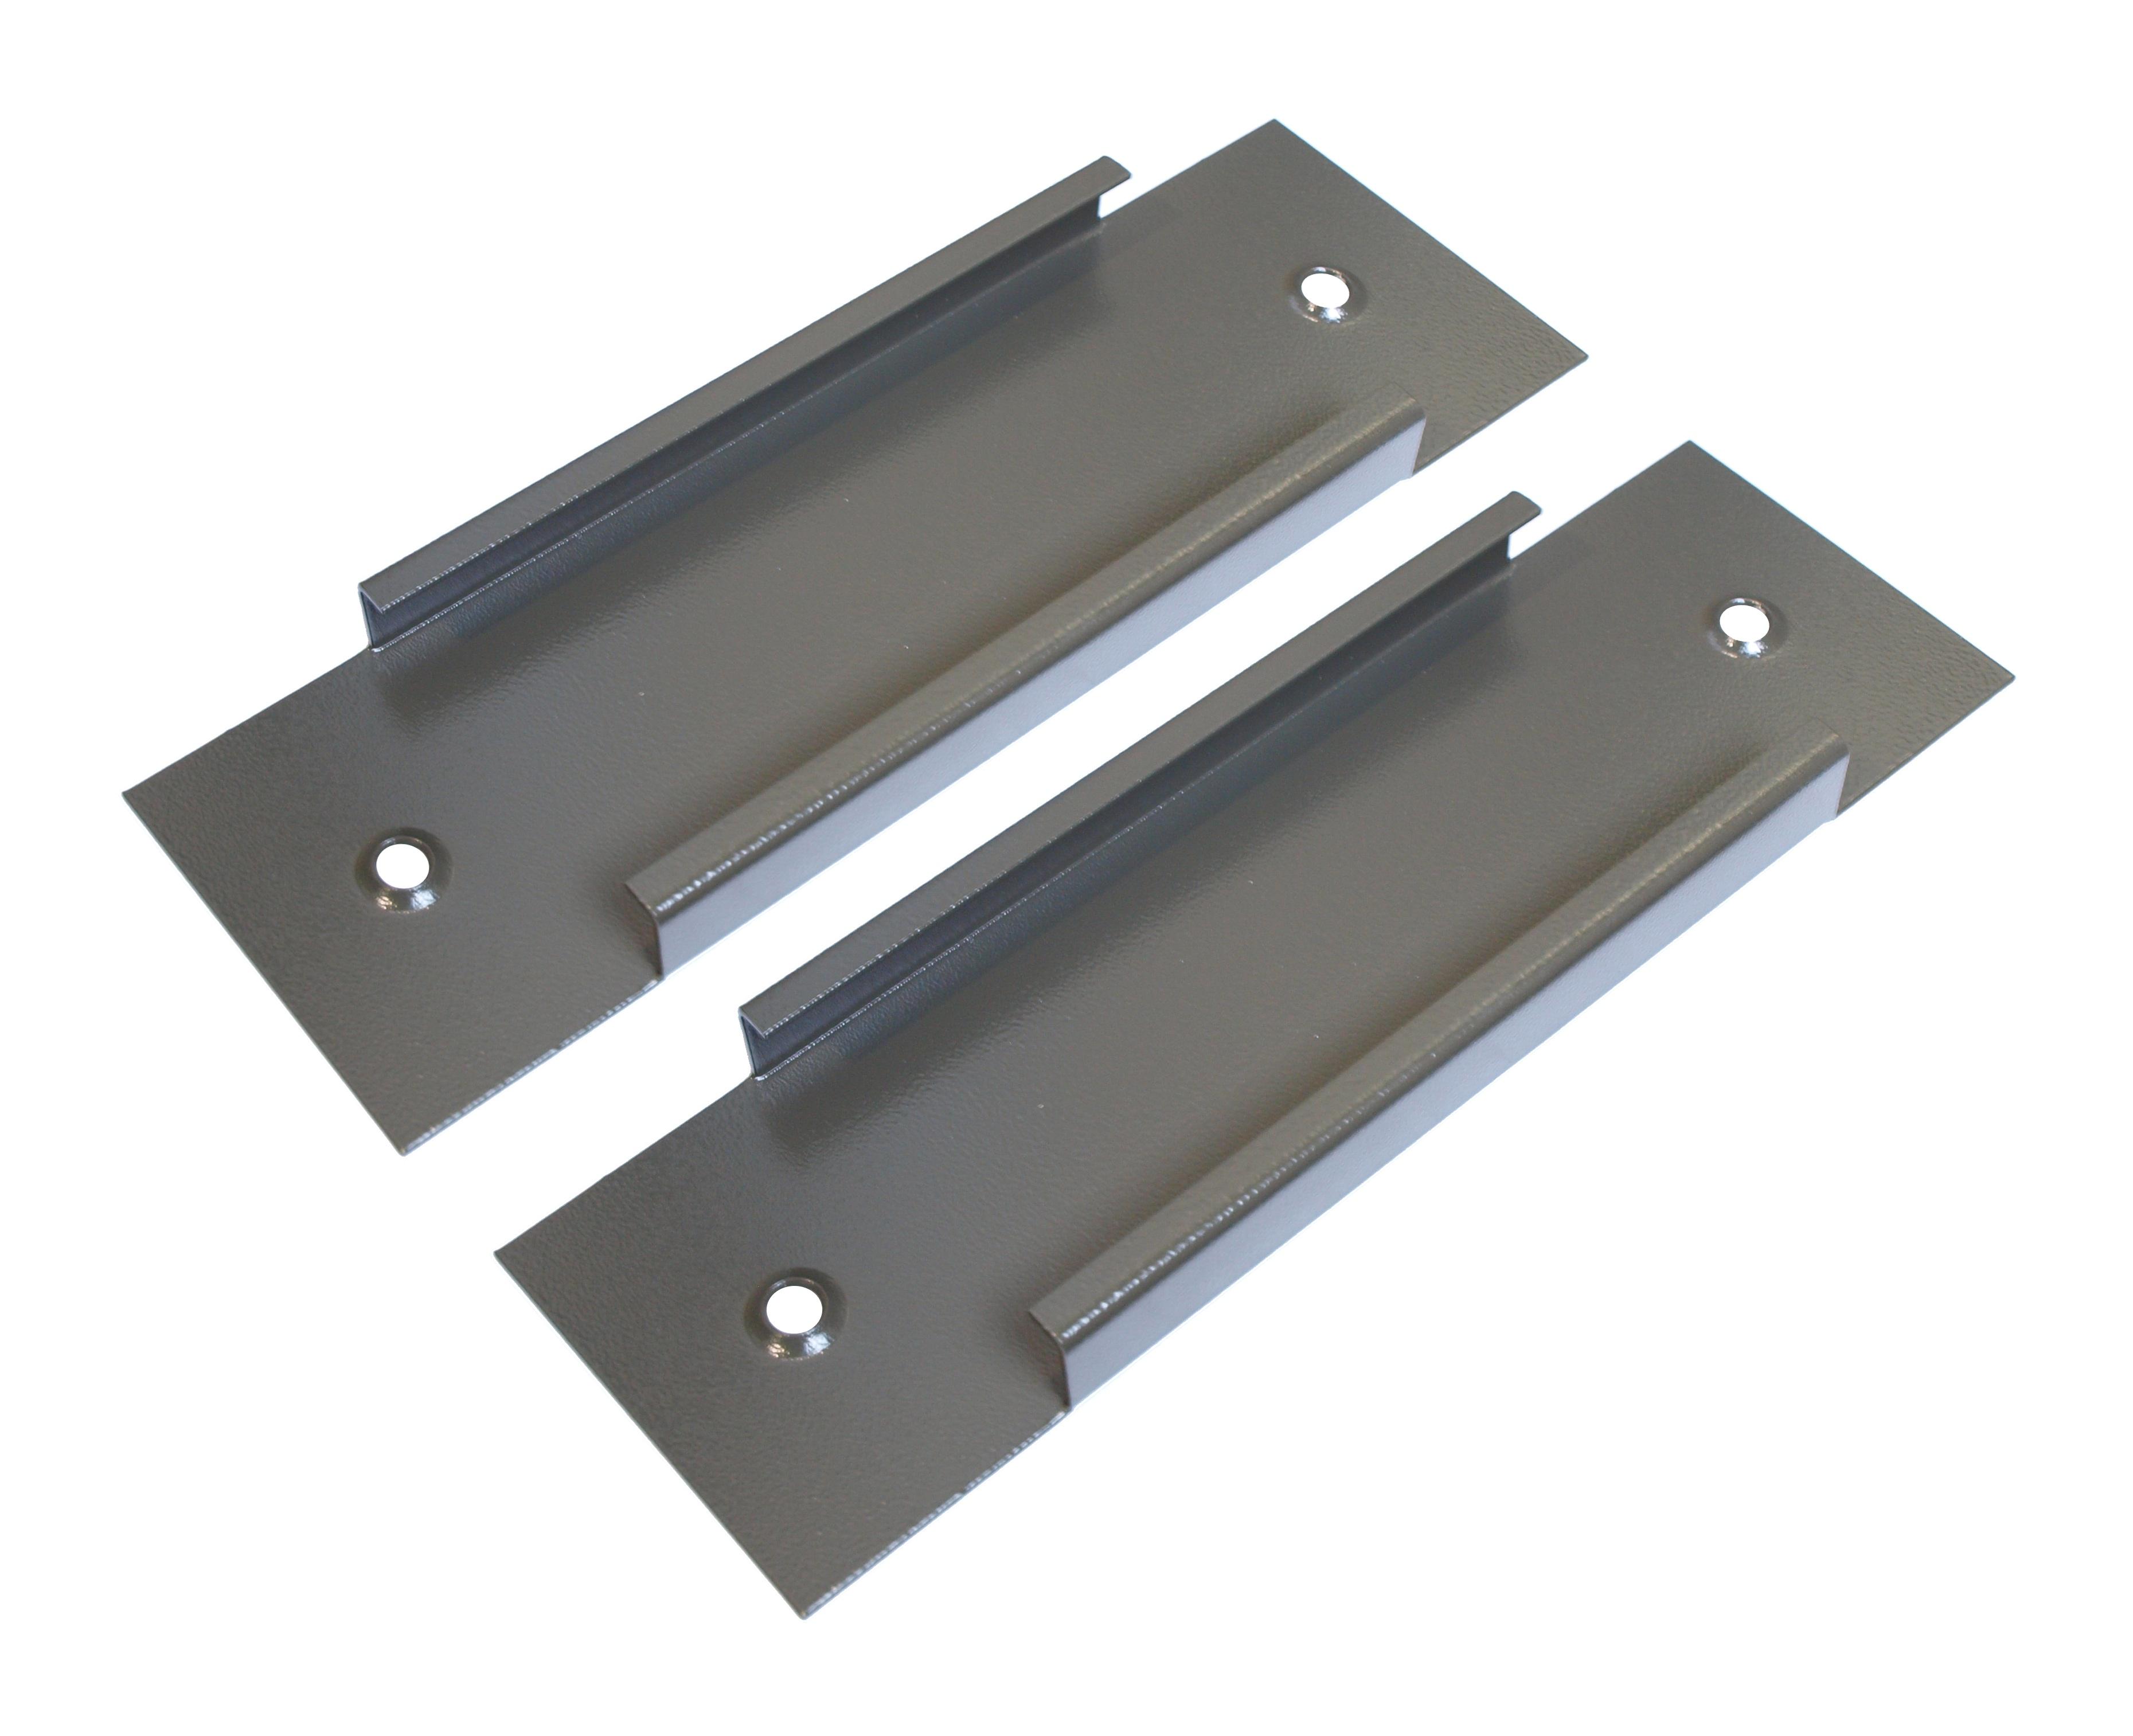 1 Stk Sockel Seitenteil für Pult 400/100mm BxH ASPST041--